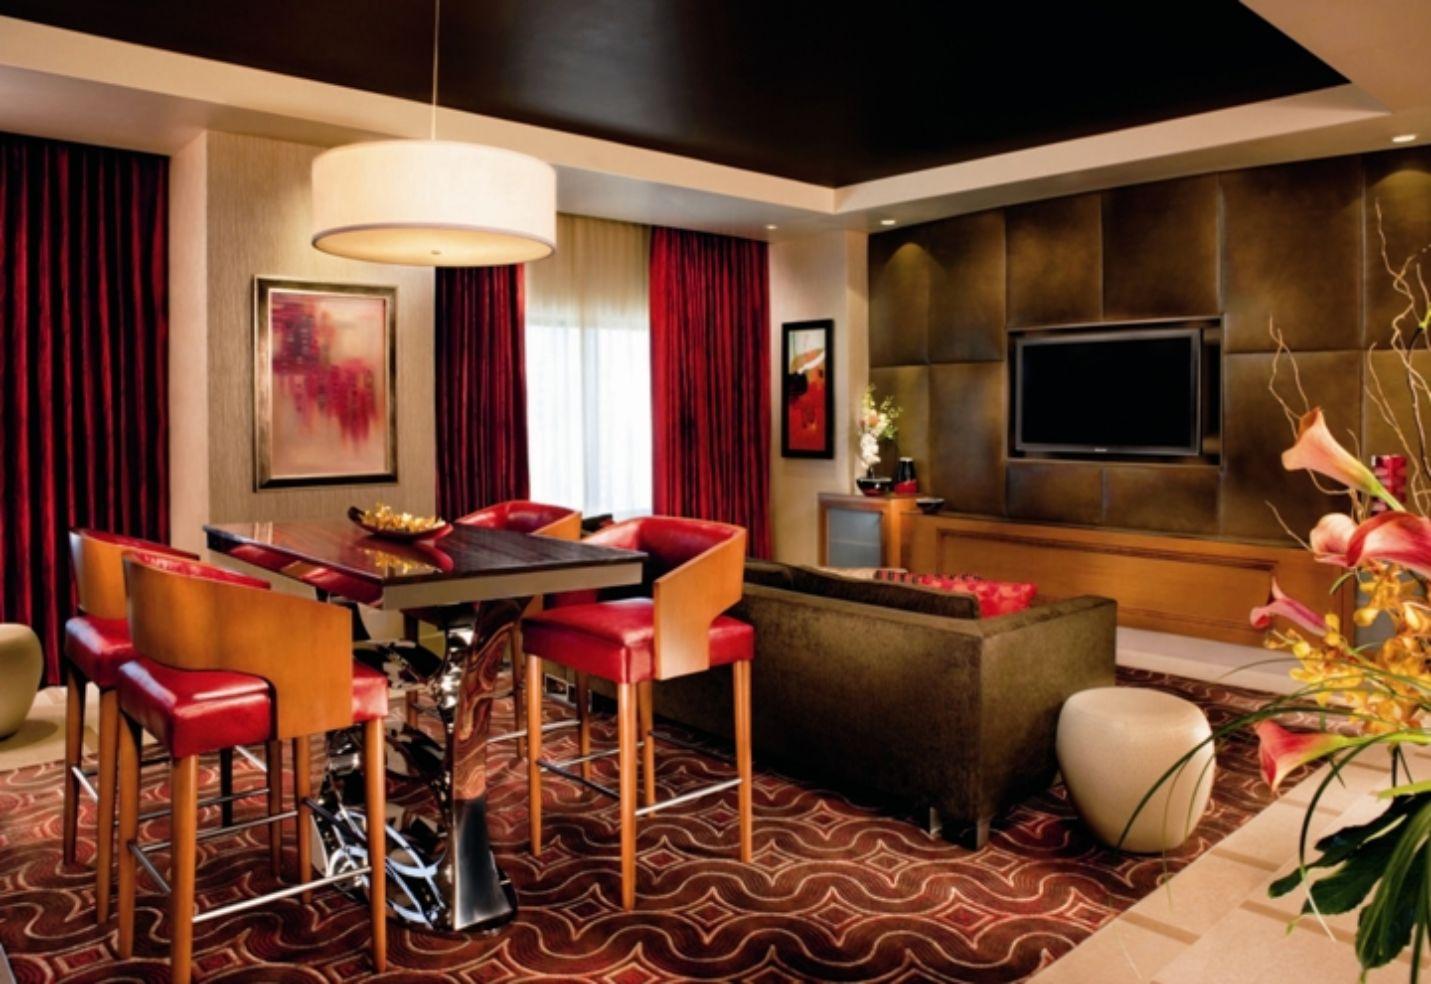 Hotel32, Las Vegas